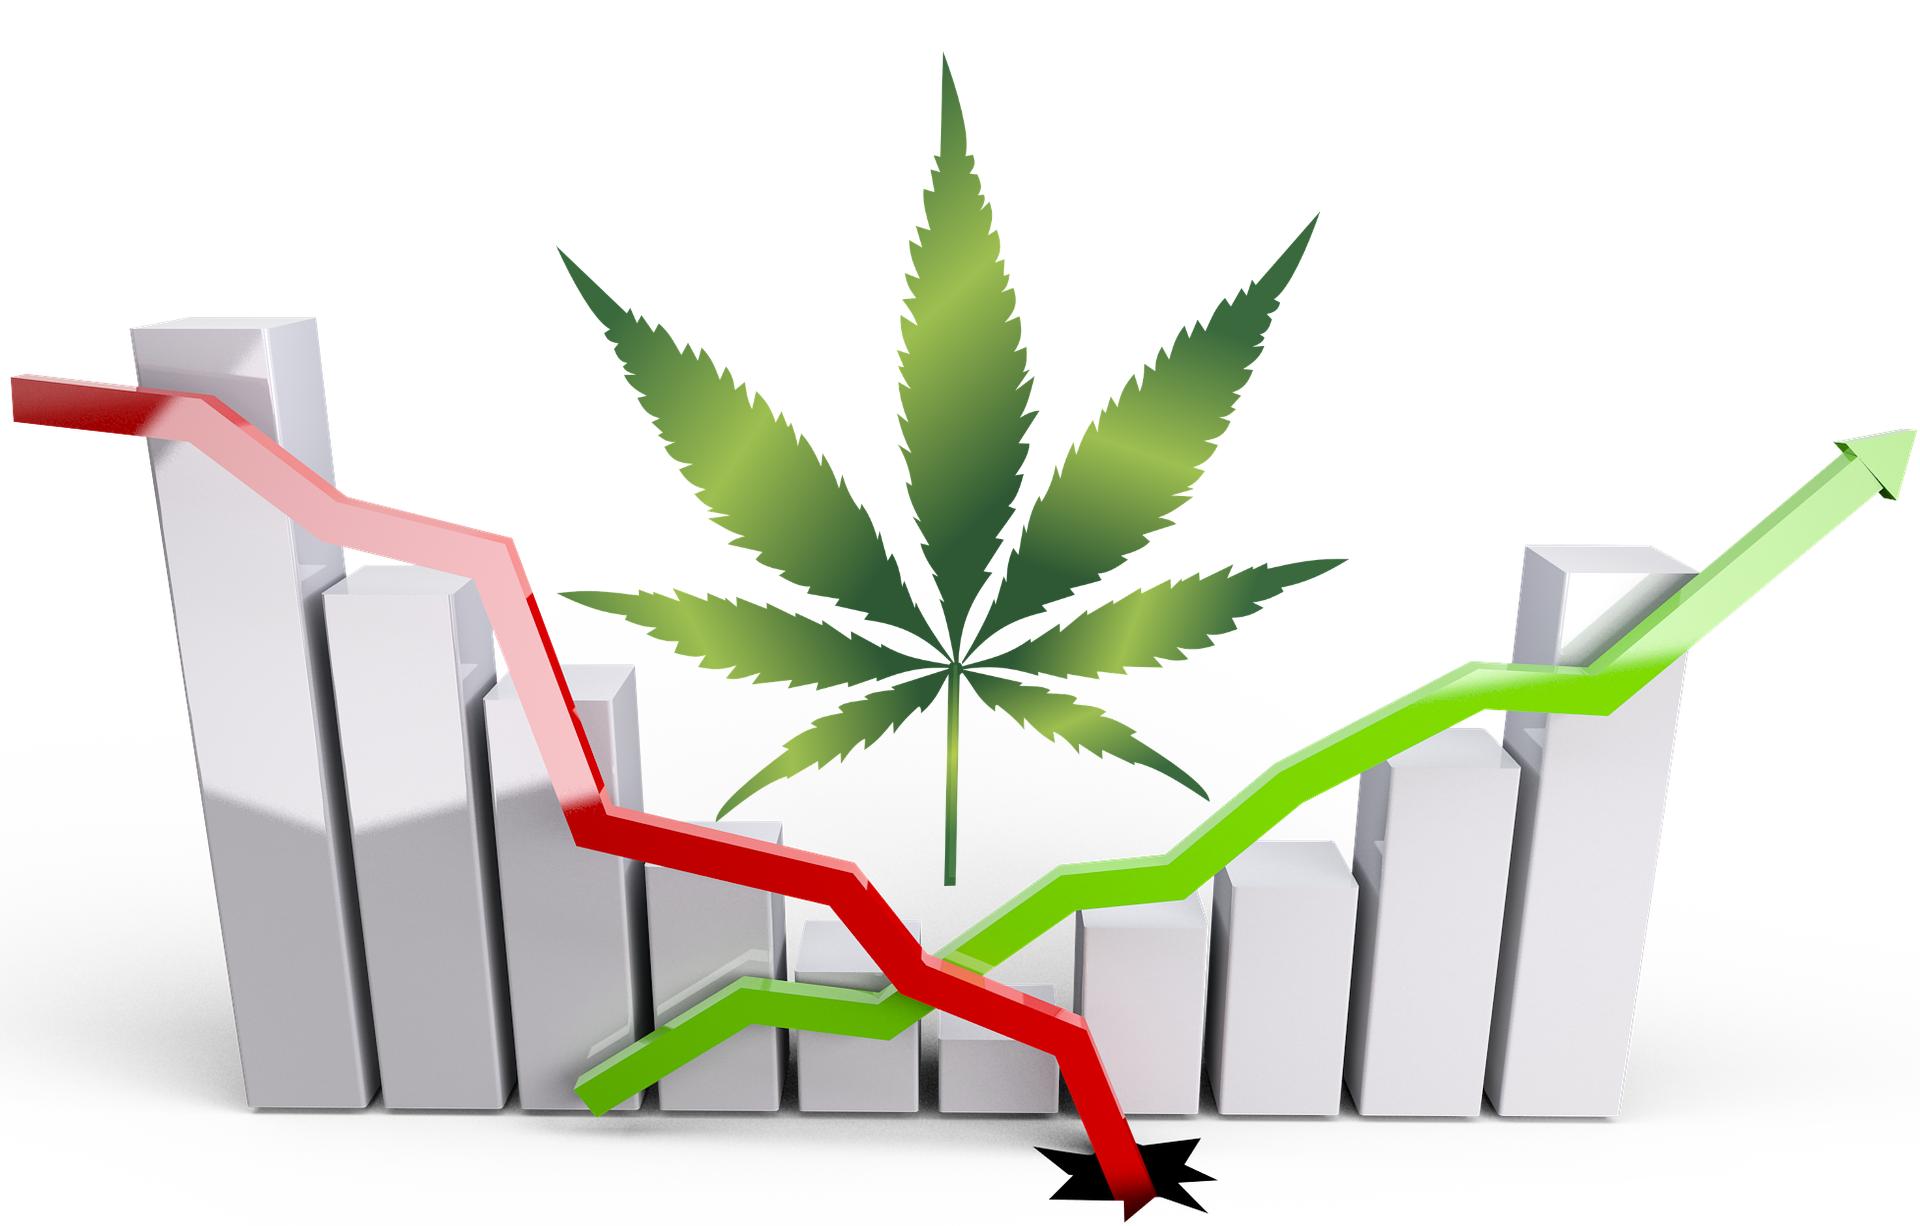 Studie beweist: Cannabis Legalisierung hilft gegen Corona-Wirtschaftskrise